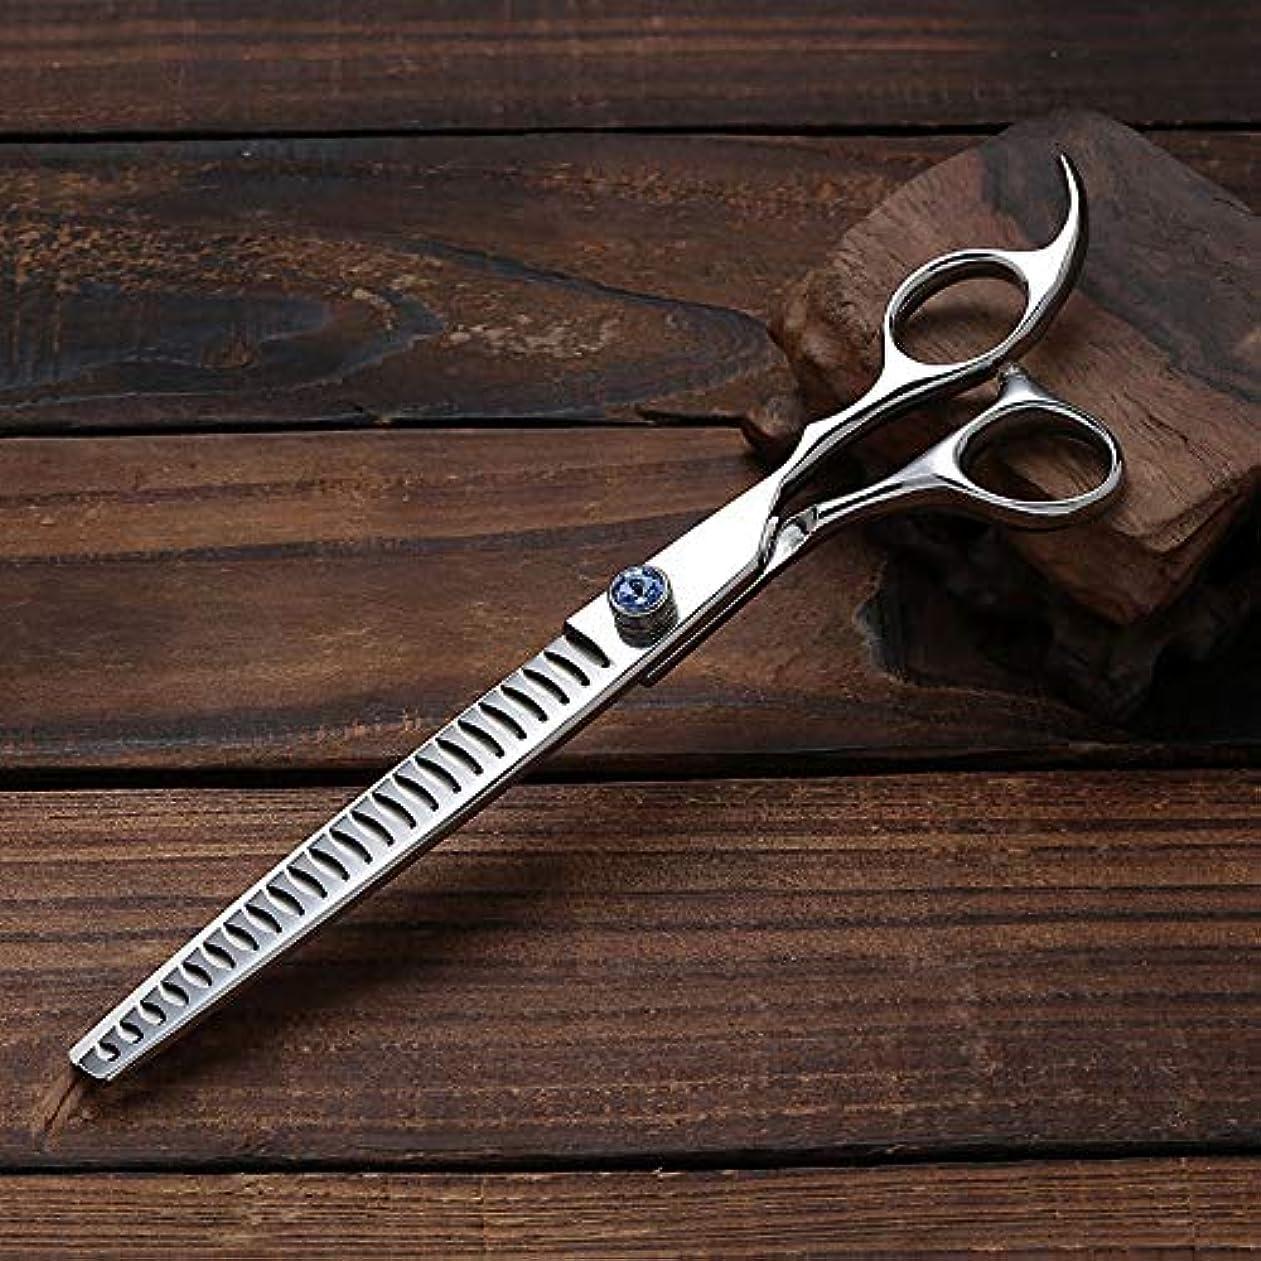 航空に対応現像理髪用はさみ 8.0インチのペット歯の切口の魚骨はさみ美容はさみの毛の切断はさみステンレス理髪はさみ (色 : ゴールド)